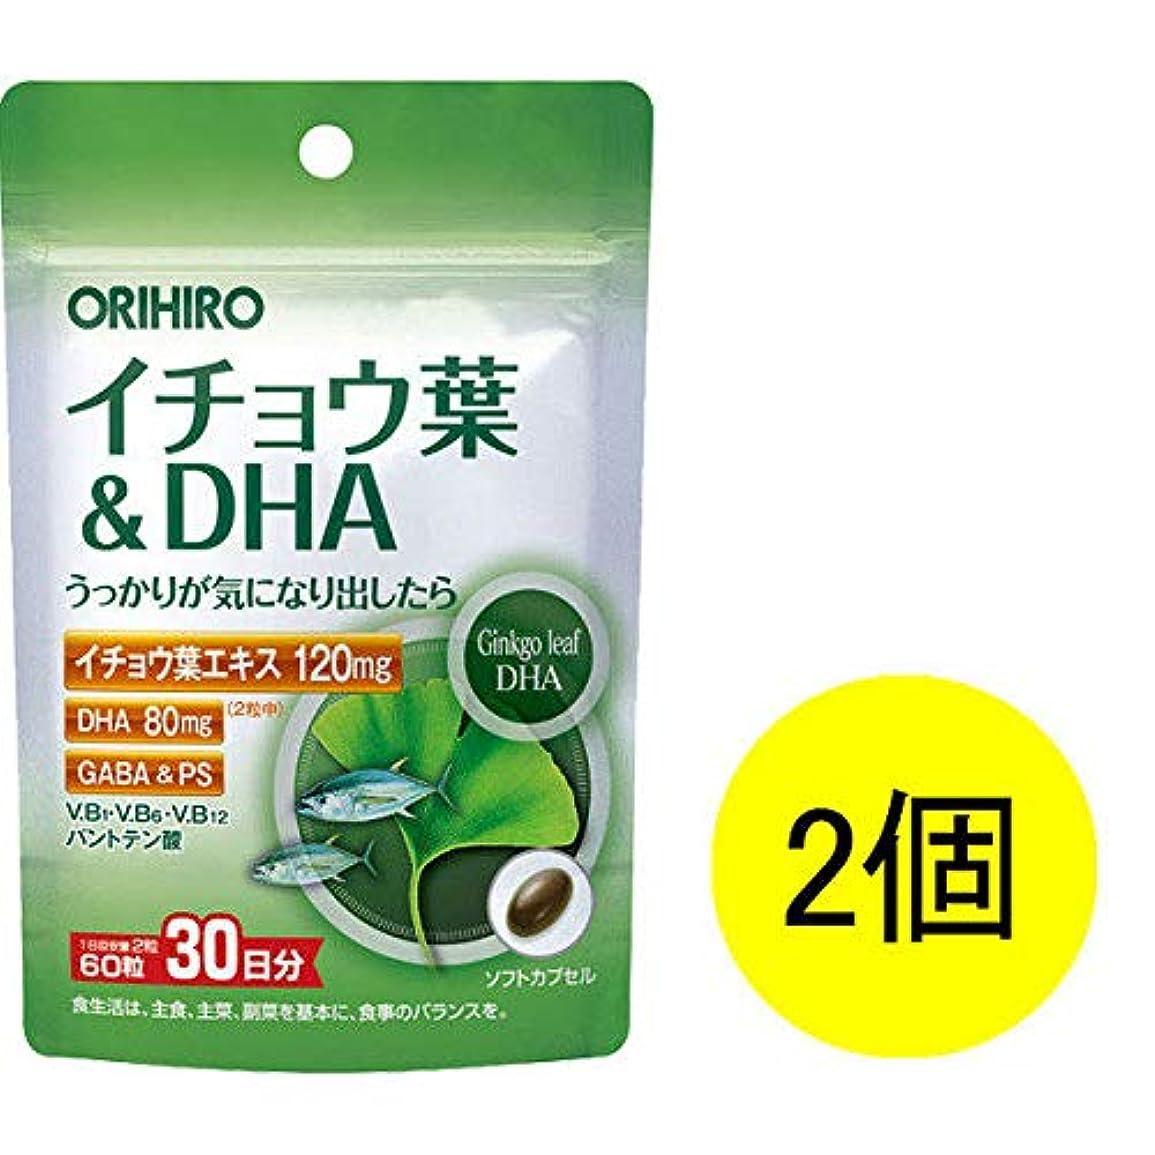 バンカー温室スキムPD イチョウ葉&DHA 60粒